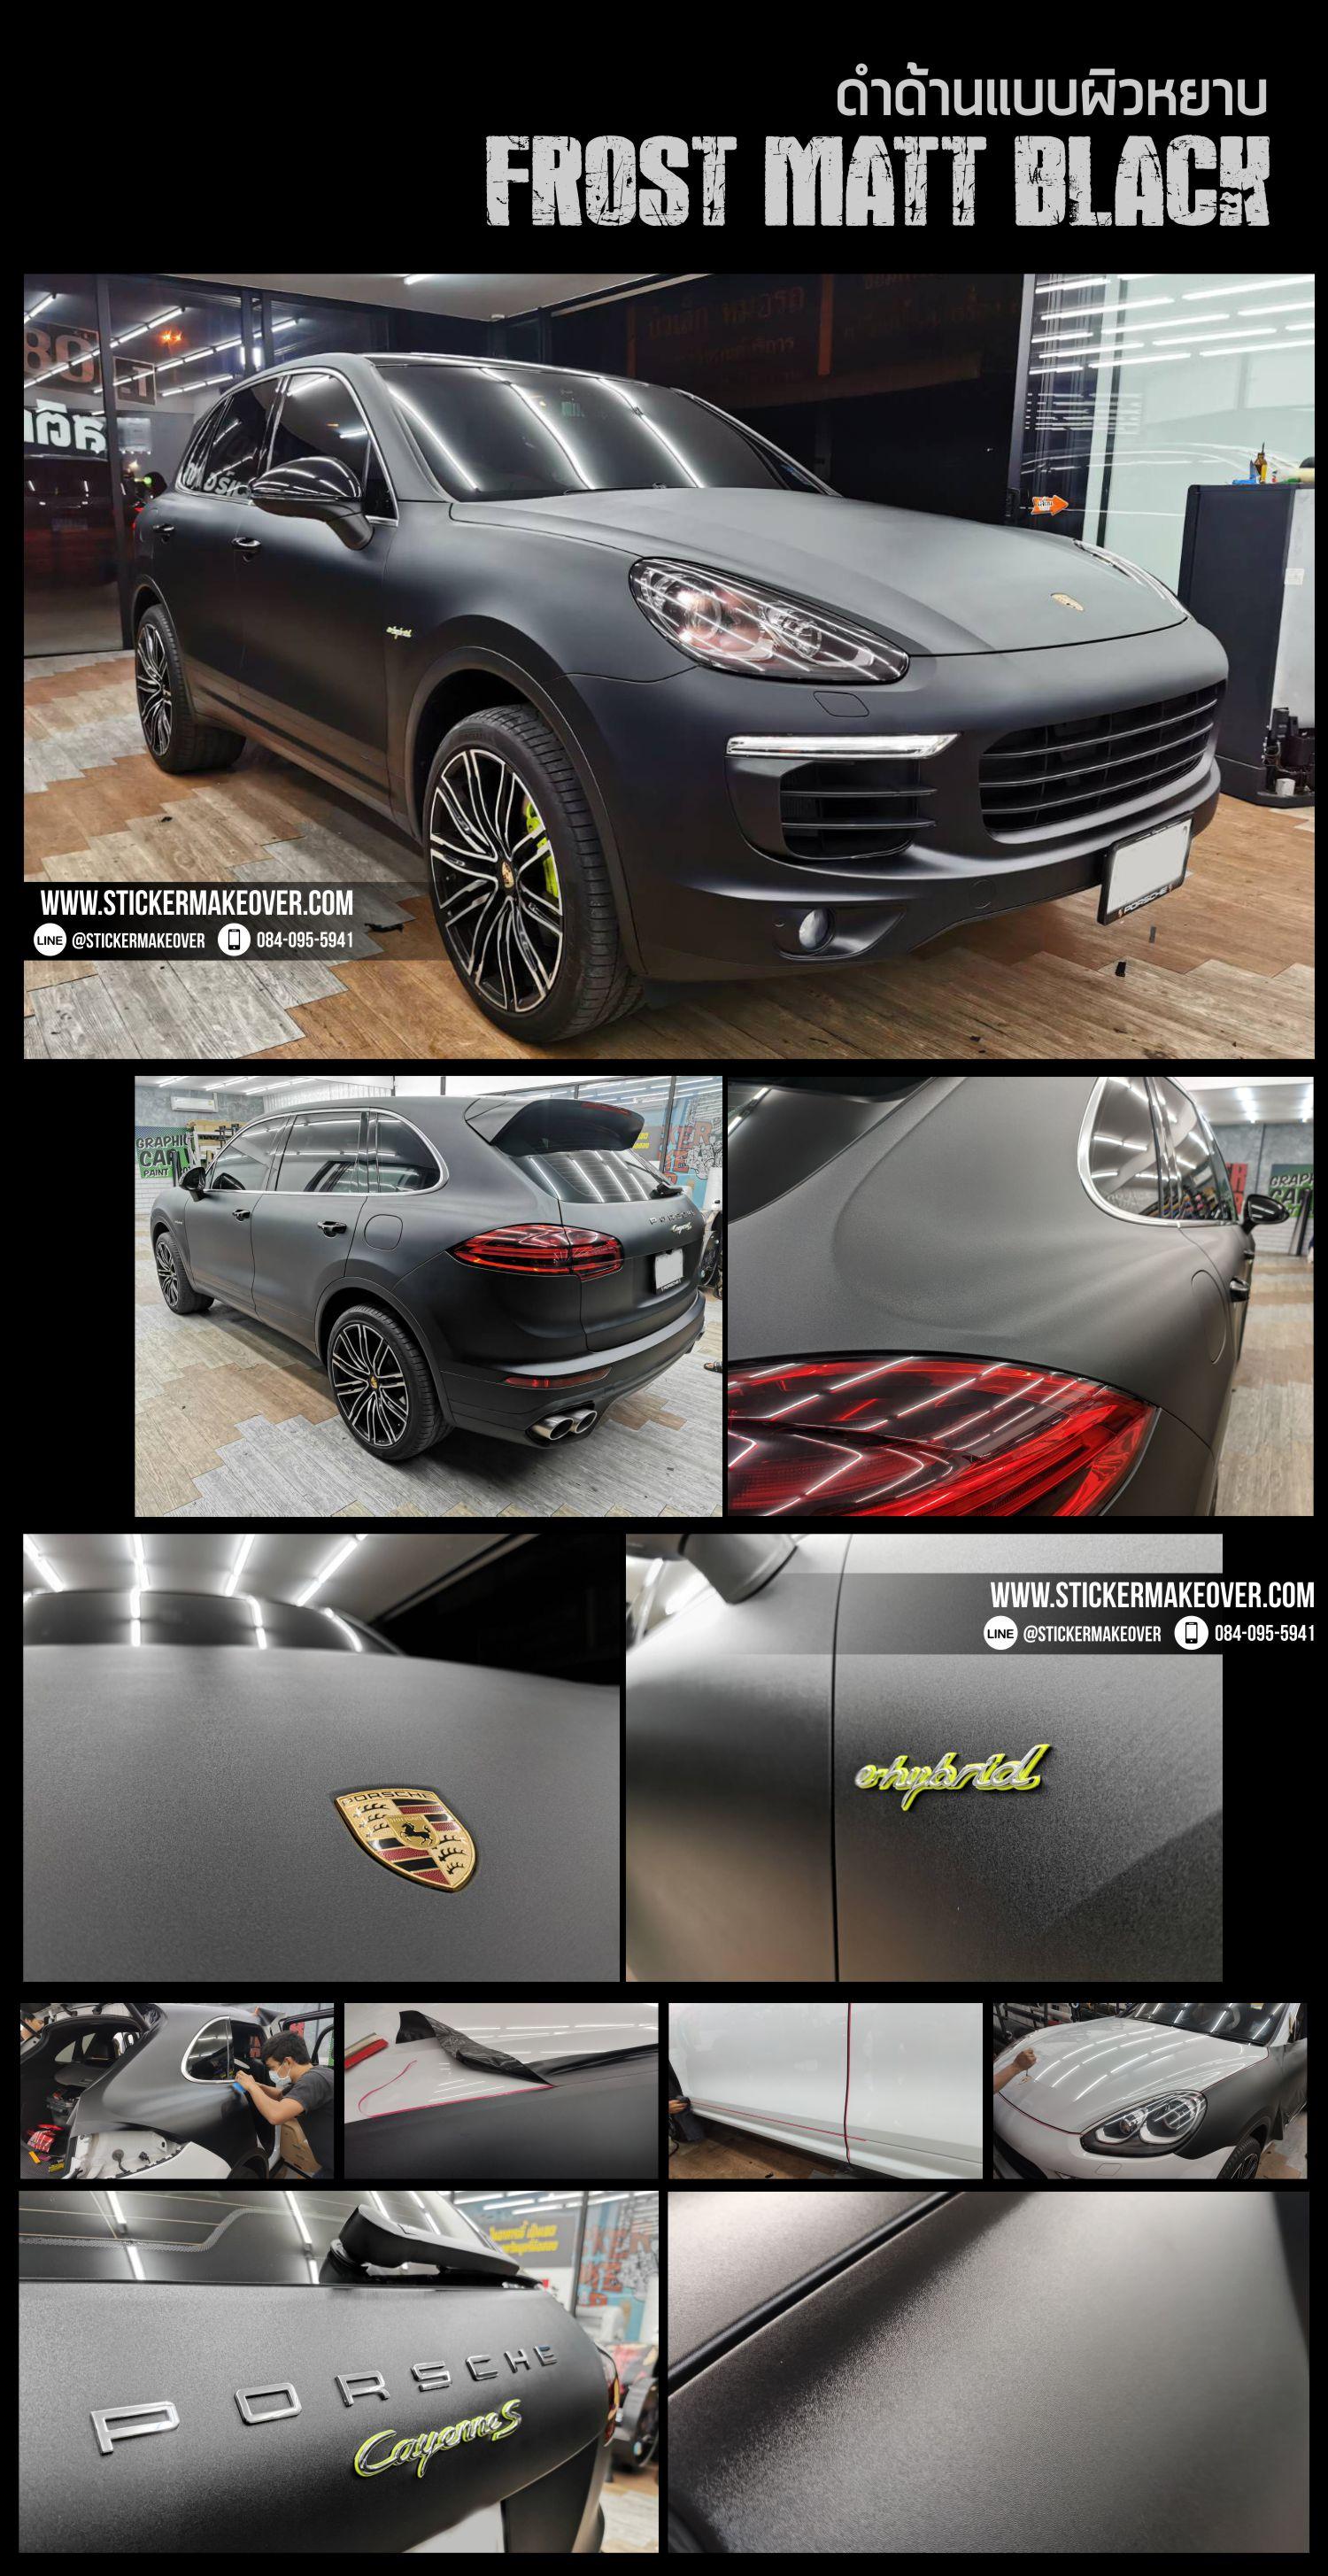 สติกเกอร์สีดำซาติน สติ๊กเกอร์สีดำด้าน หุ้มเปลี่ยนสีporsche cayenne หุ้มเปลี่ยนสีรถด้วยสติกเกอร์ wrap car  แรพเปลี่ยนสีรถ แรพสติกเกอร์สีรถ เปลี่ยนสีรถด้วยฟิล์ม หุ้มสติกเกอร์เปลี่ยนสีรถ wrapเปลี่ยนสีรถ ติดสติกเกอร์รถ ร้านสติกเกอร์แถวนนทบุรี หุ้มเปลี่ยนสีรถราคาไม่แพง สติกเกอร์ติดรถทั้งคัน ฟิล์มติดสีรถ สติกเกอร์หุ้มเปลี่ยนสีรถ3M  สติกเกอร์เปลี่ยนสีรถ oracal สติกเกอร์เปลี่ยนสีรถเทาเมทัลลิค ฟิล์มFR Premium Wrap